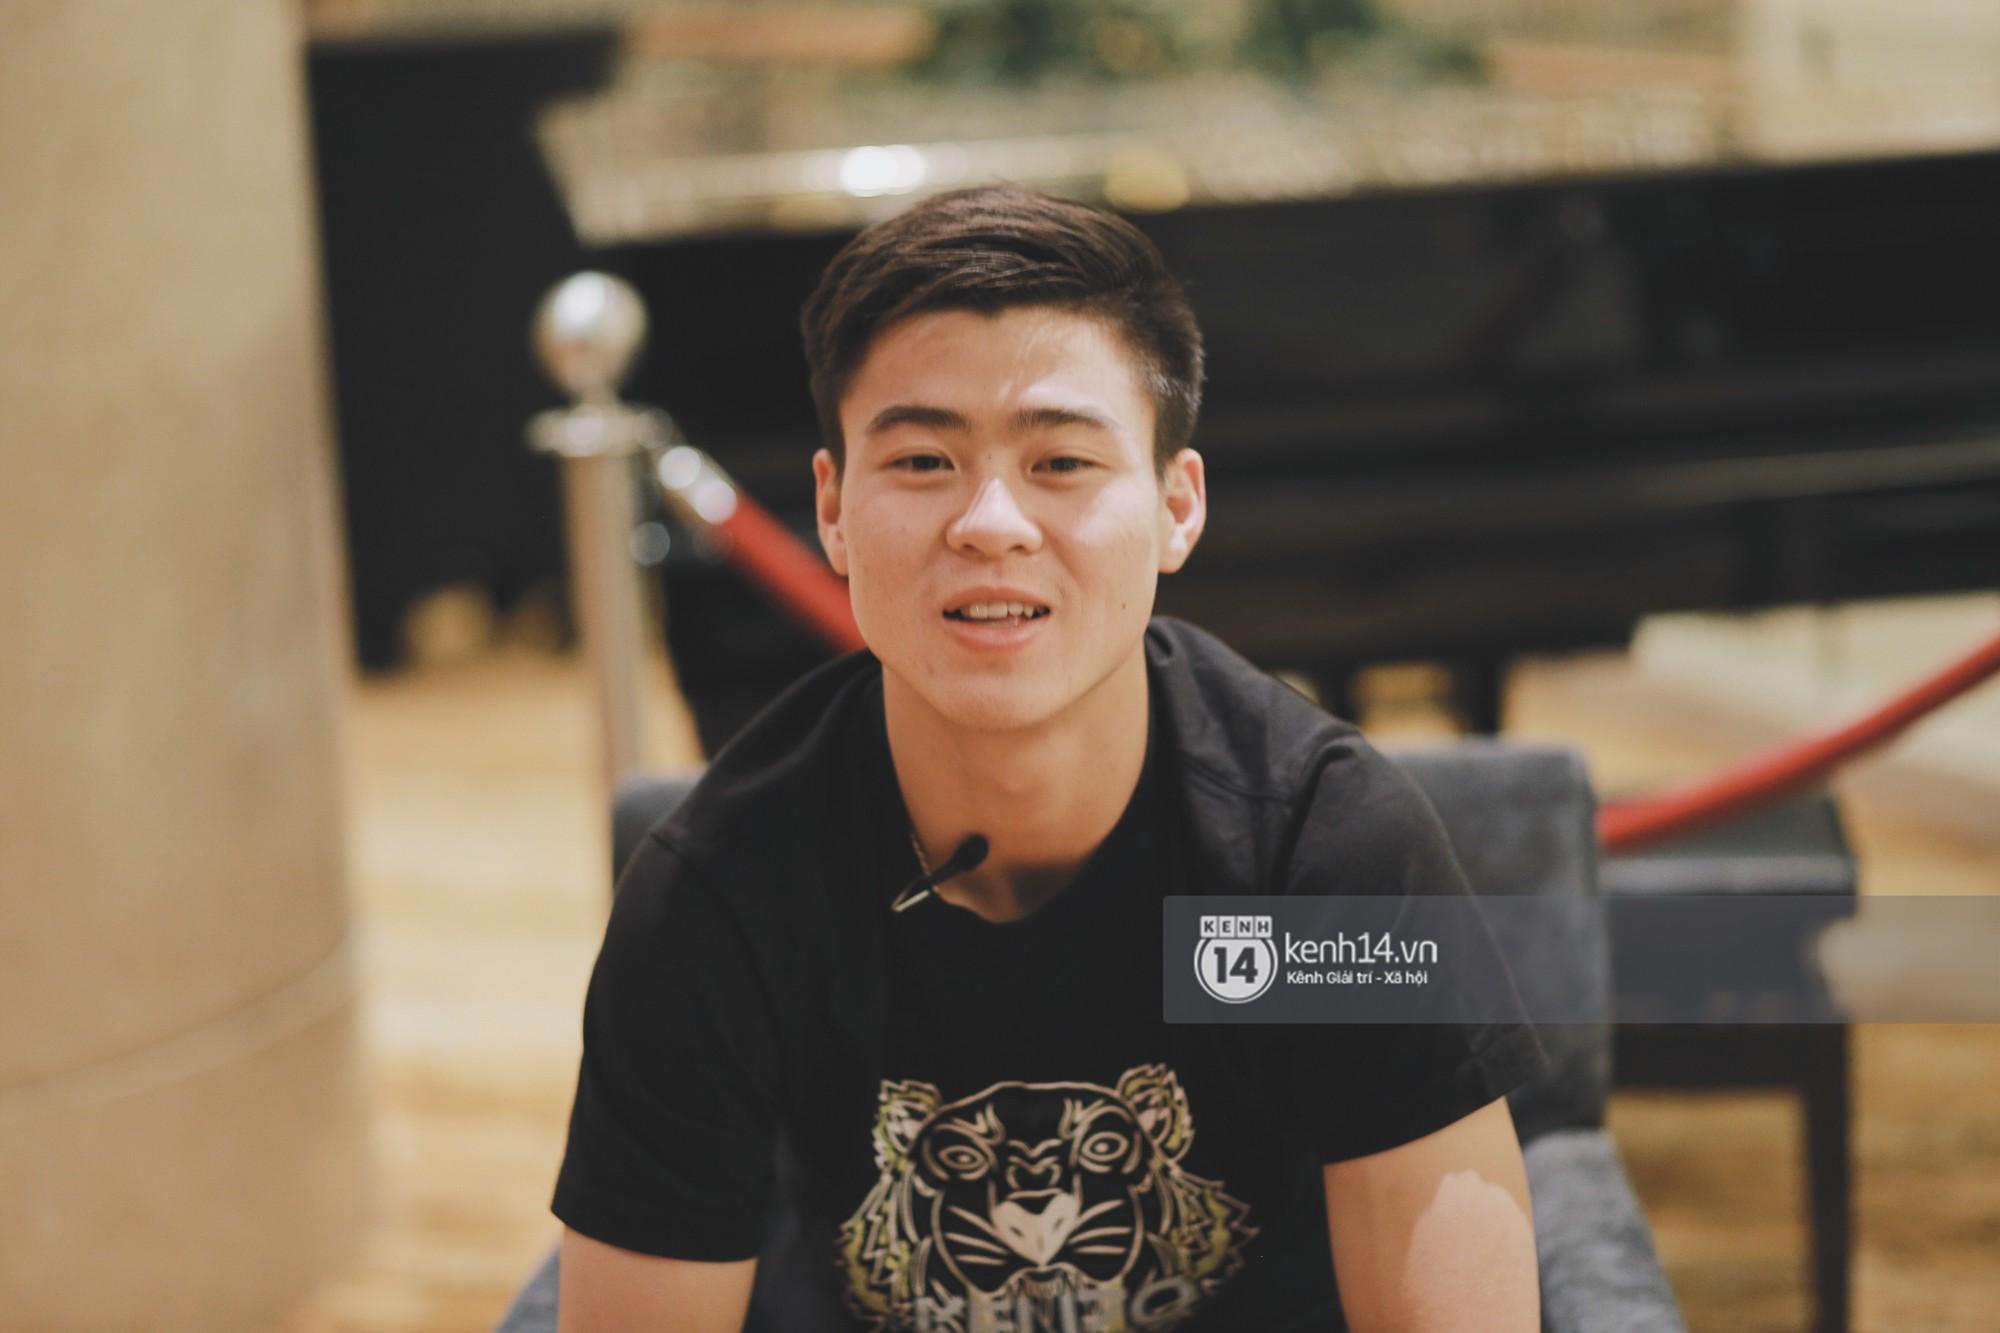 Hot boy Duy Mạnh U23: Trong đội chỉ có mình với Hồng Duy bán hàng online, nhưng thật ra là... đăng hộ bạn gái đấy! 3